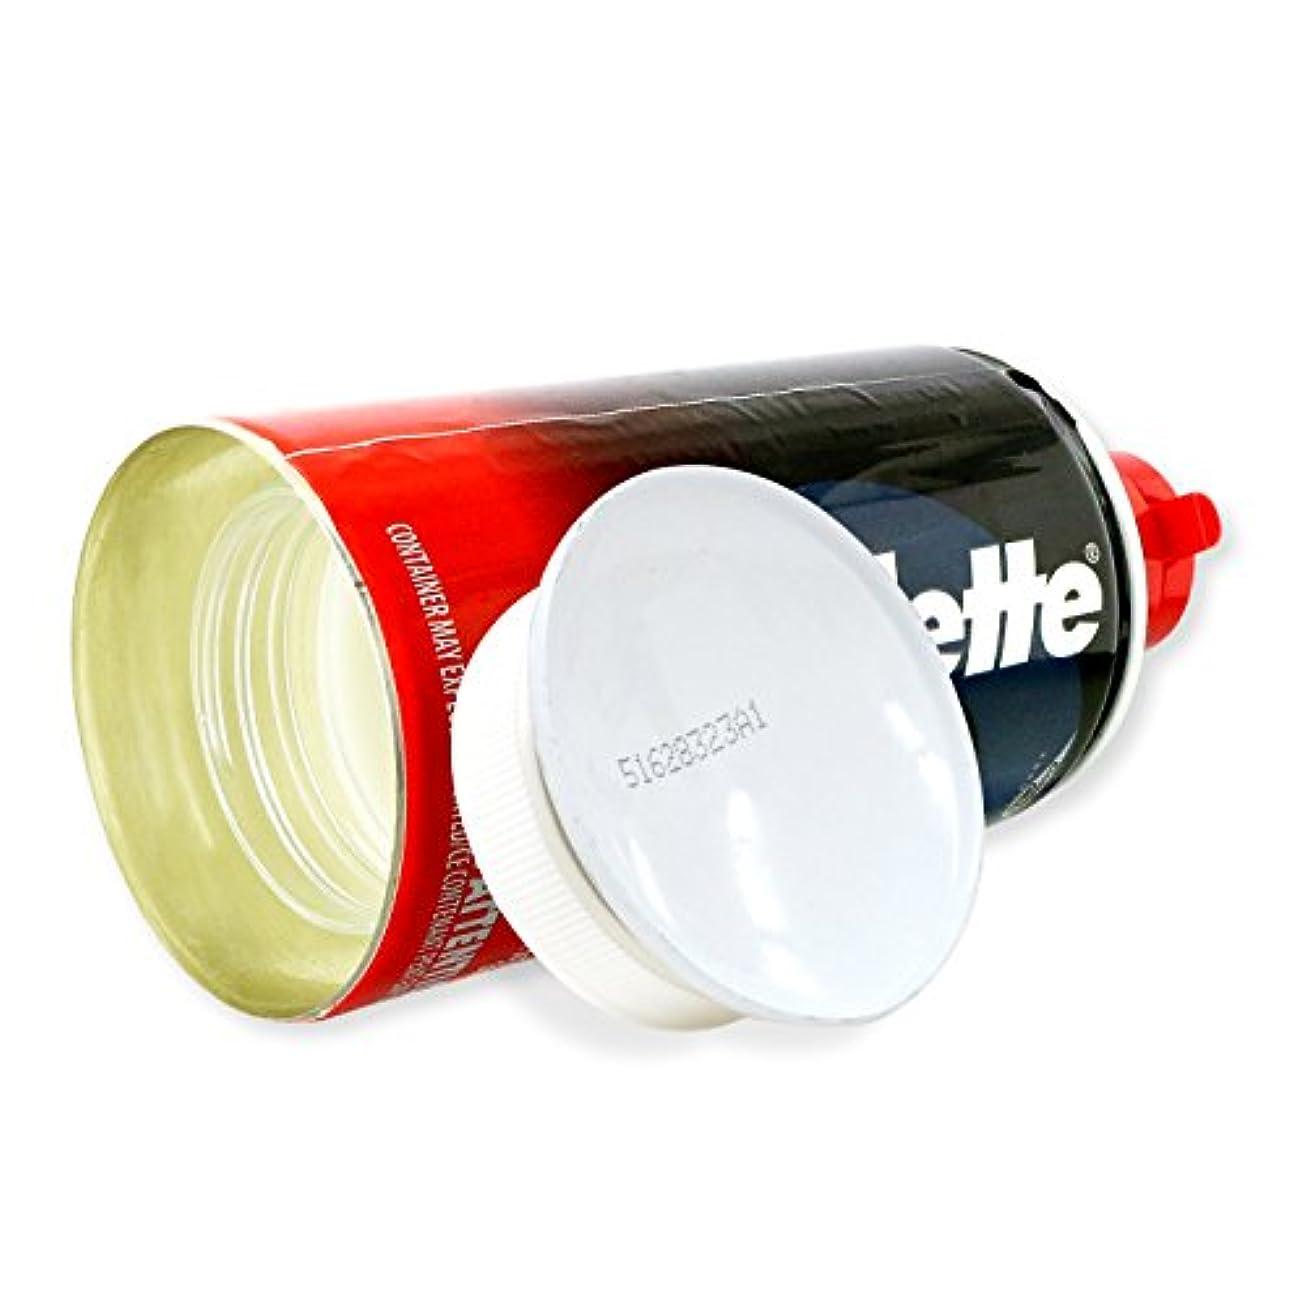 ではごきげんようトンネル閃光隠し金庫 シェービングクリーム型 収納 セーフティボックス 『SECRET SAFE シークレットセーフ』(OA-666) Gillette Shaving Cream アメリカン雑貨 米国直輸入 貴重品の保管 タンス貯金...